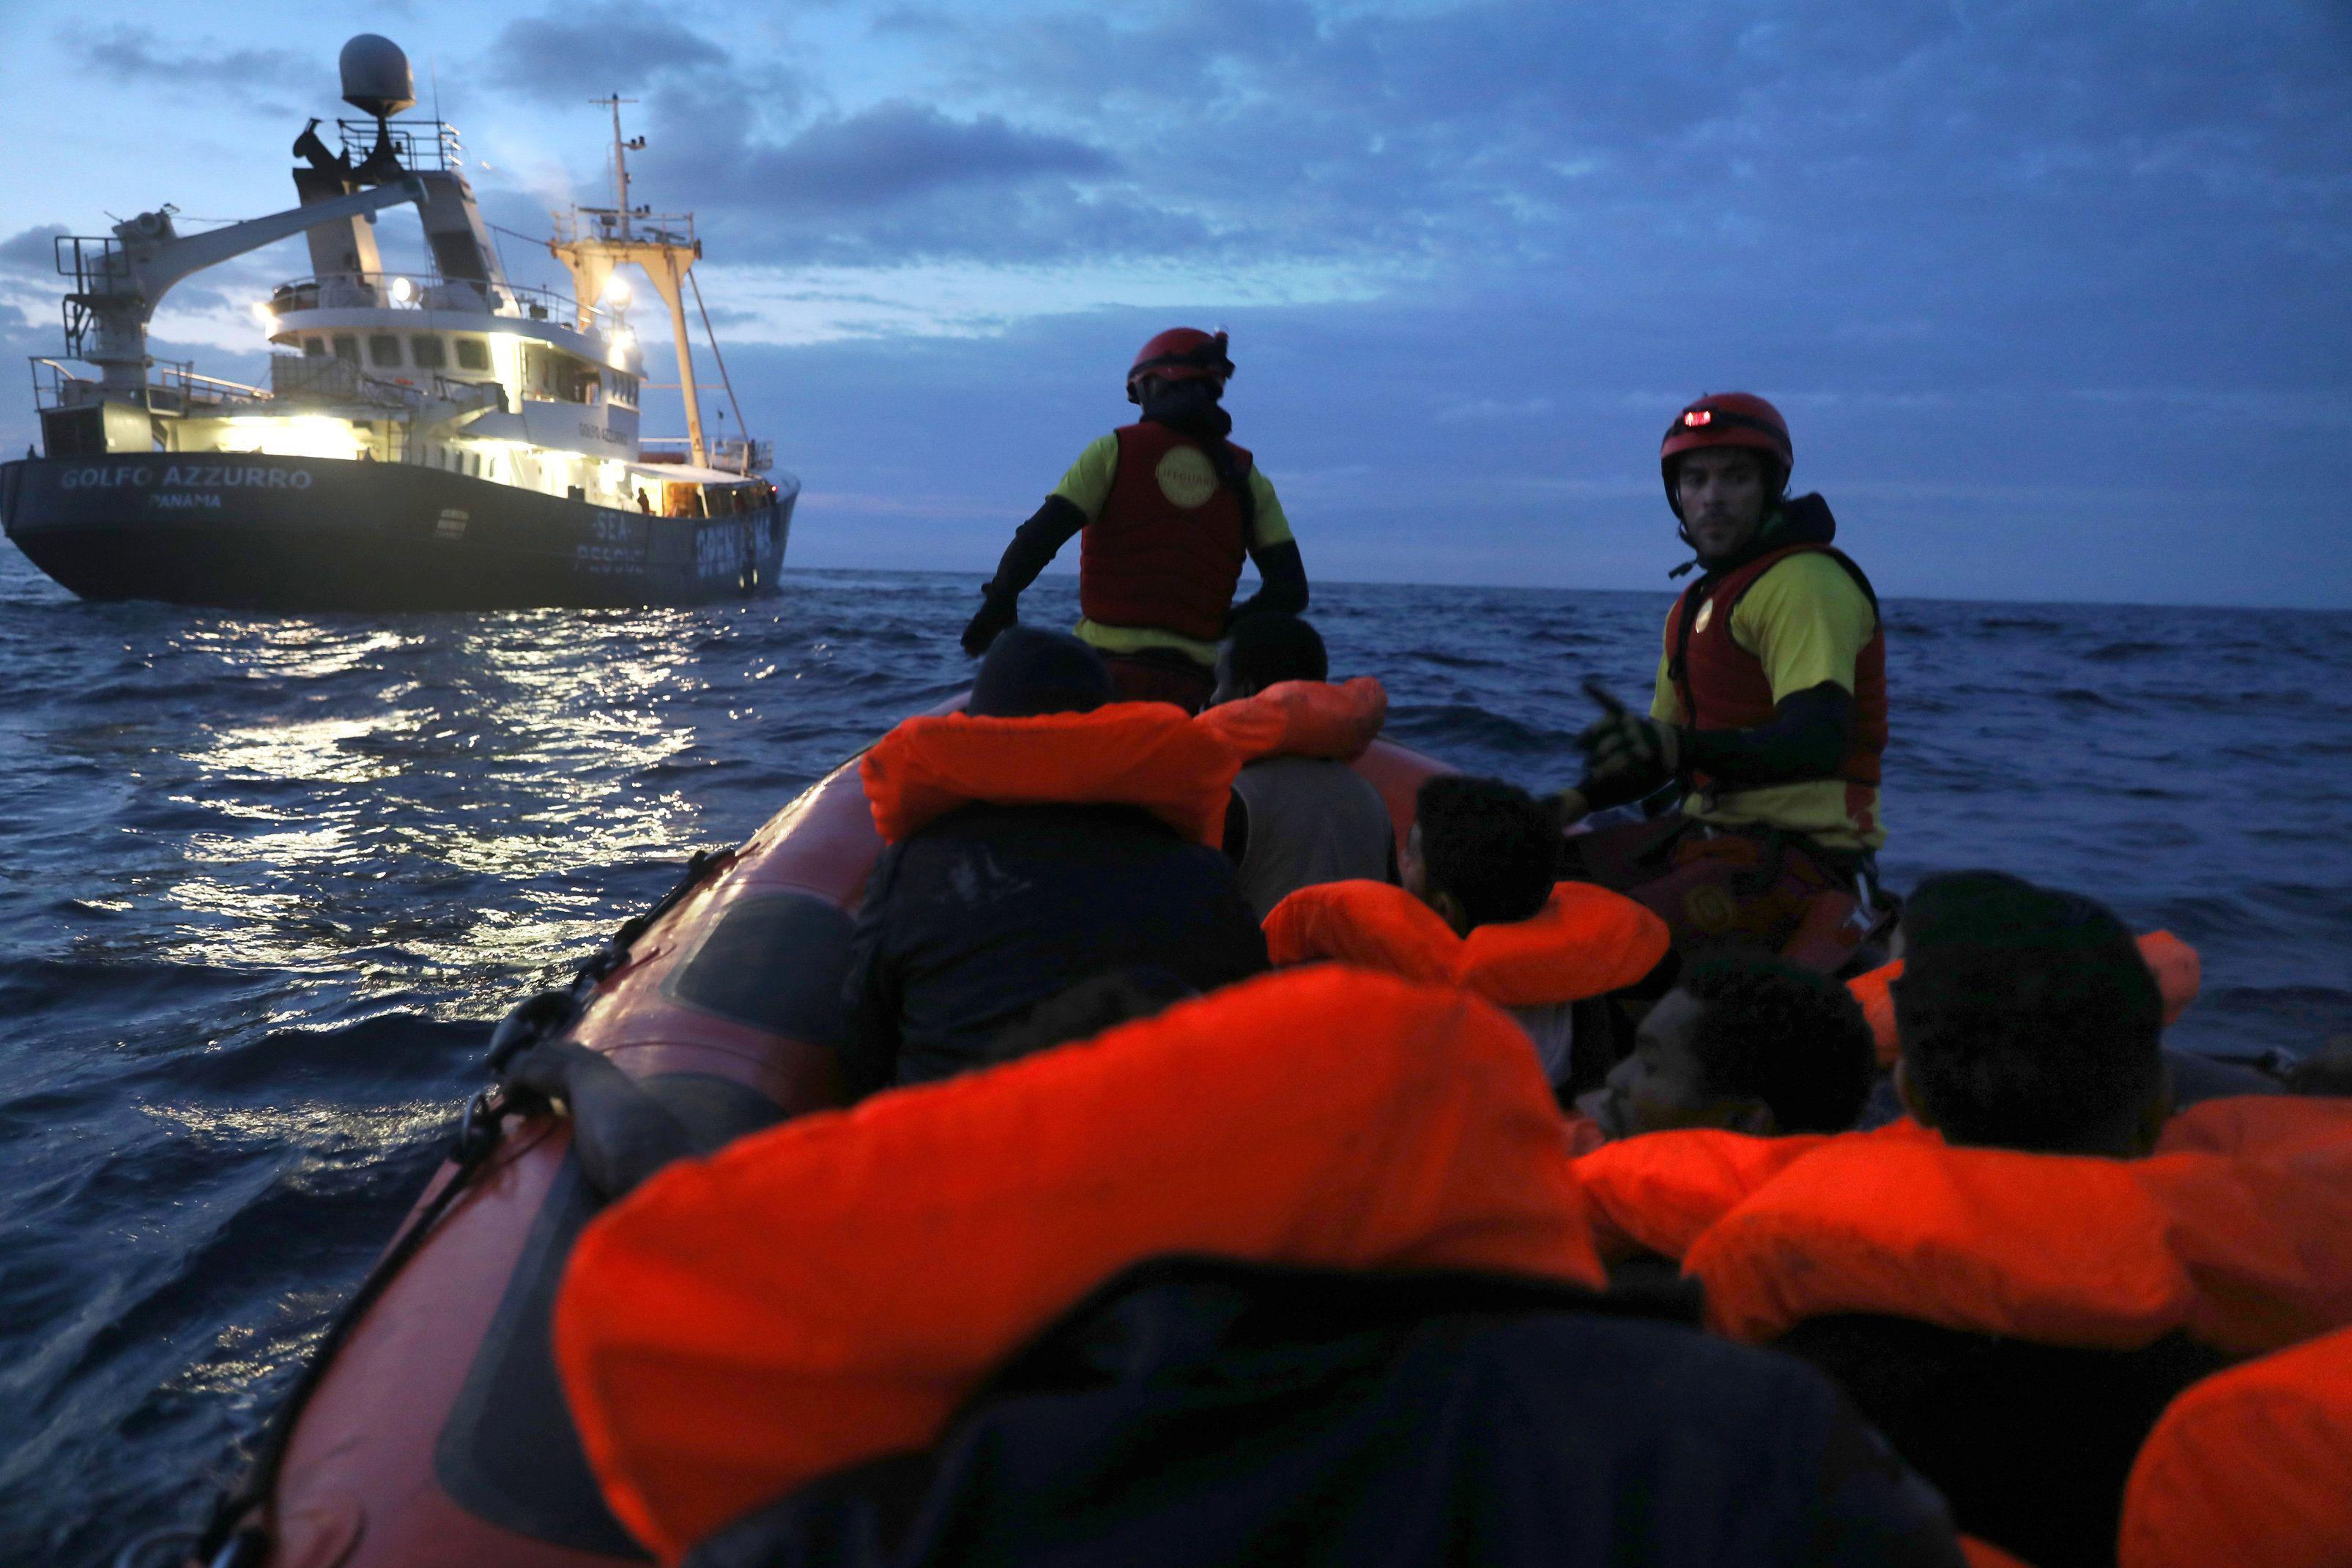 мигранты, беженцы, море, спасатели